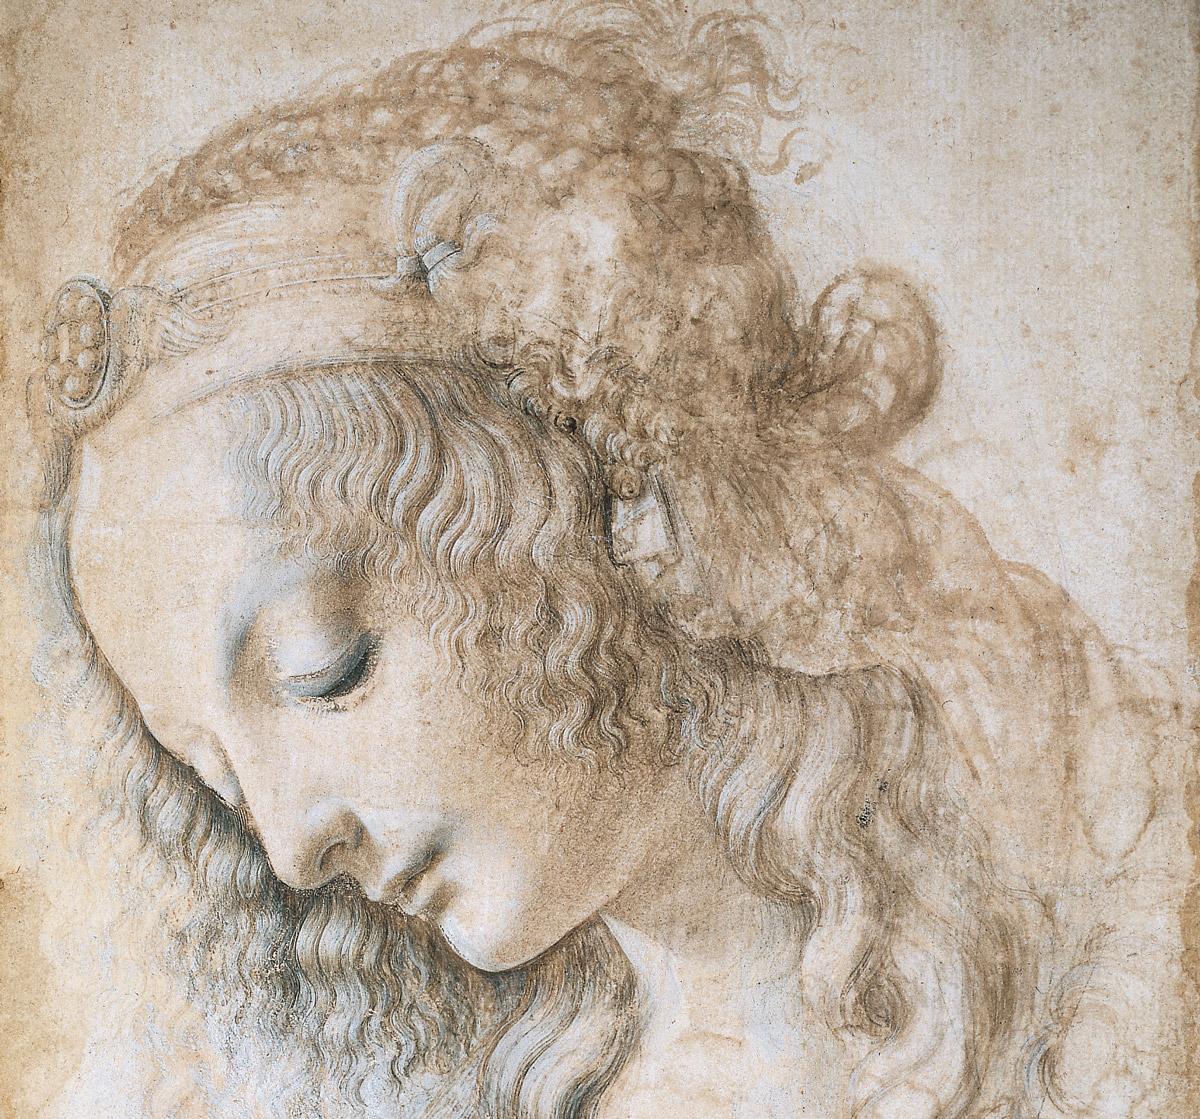 Leonardo, Testa di donna, 1475-1478 circa, Firenze, Gabinetto Disegni e Stampe degli Uffizi